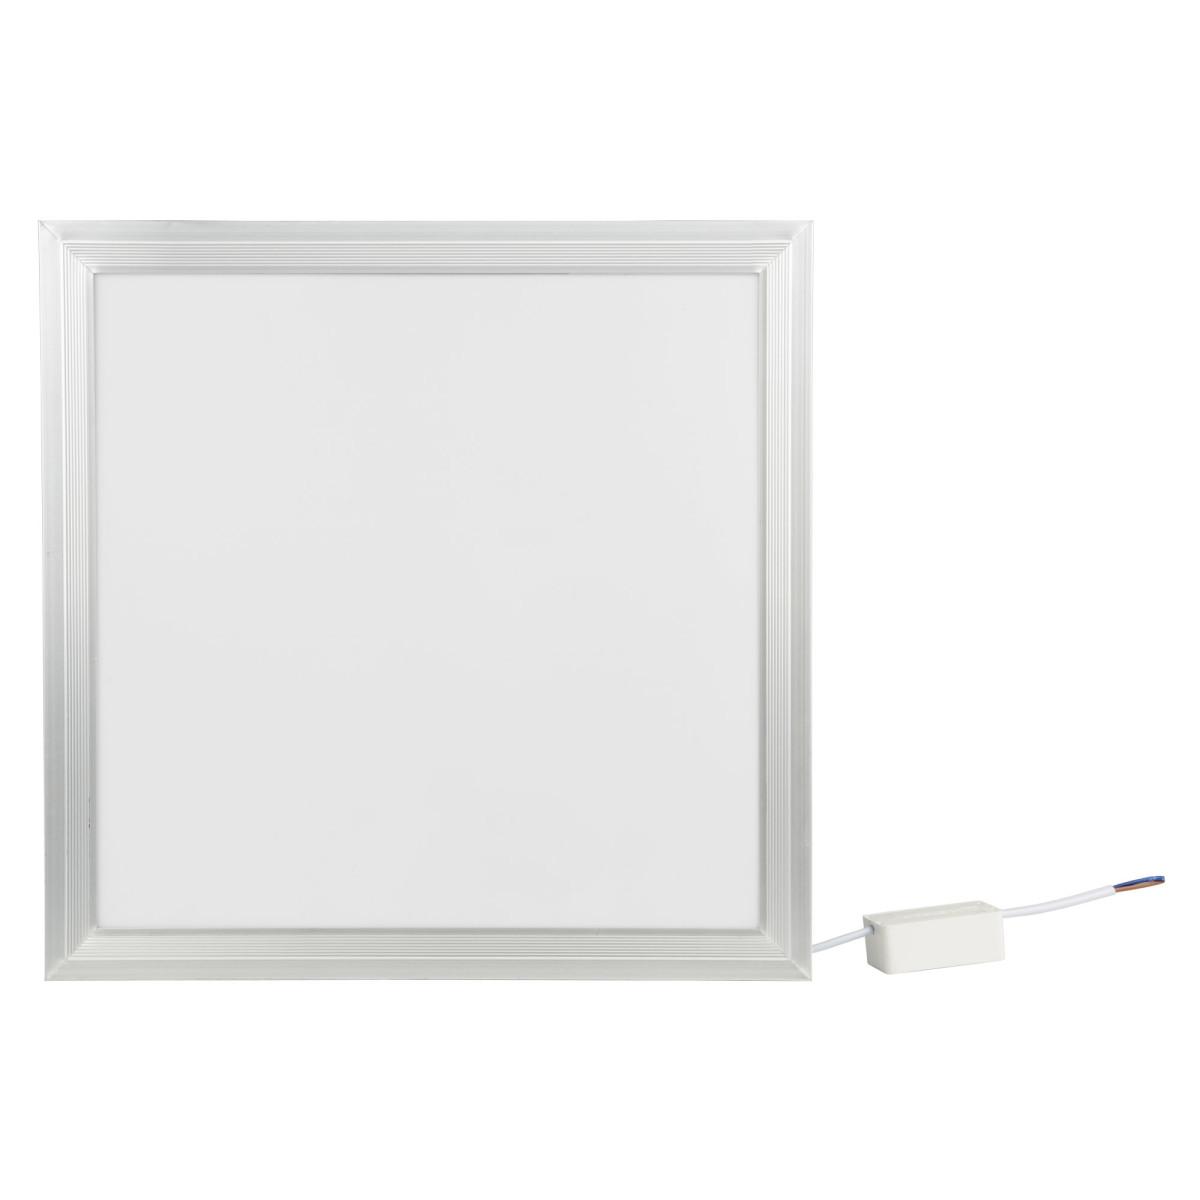 Панель светодиодная Volpe Q107 295x295 мм 18 Вт 4000 К IP40